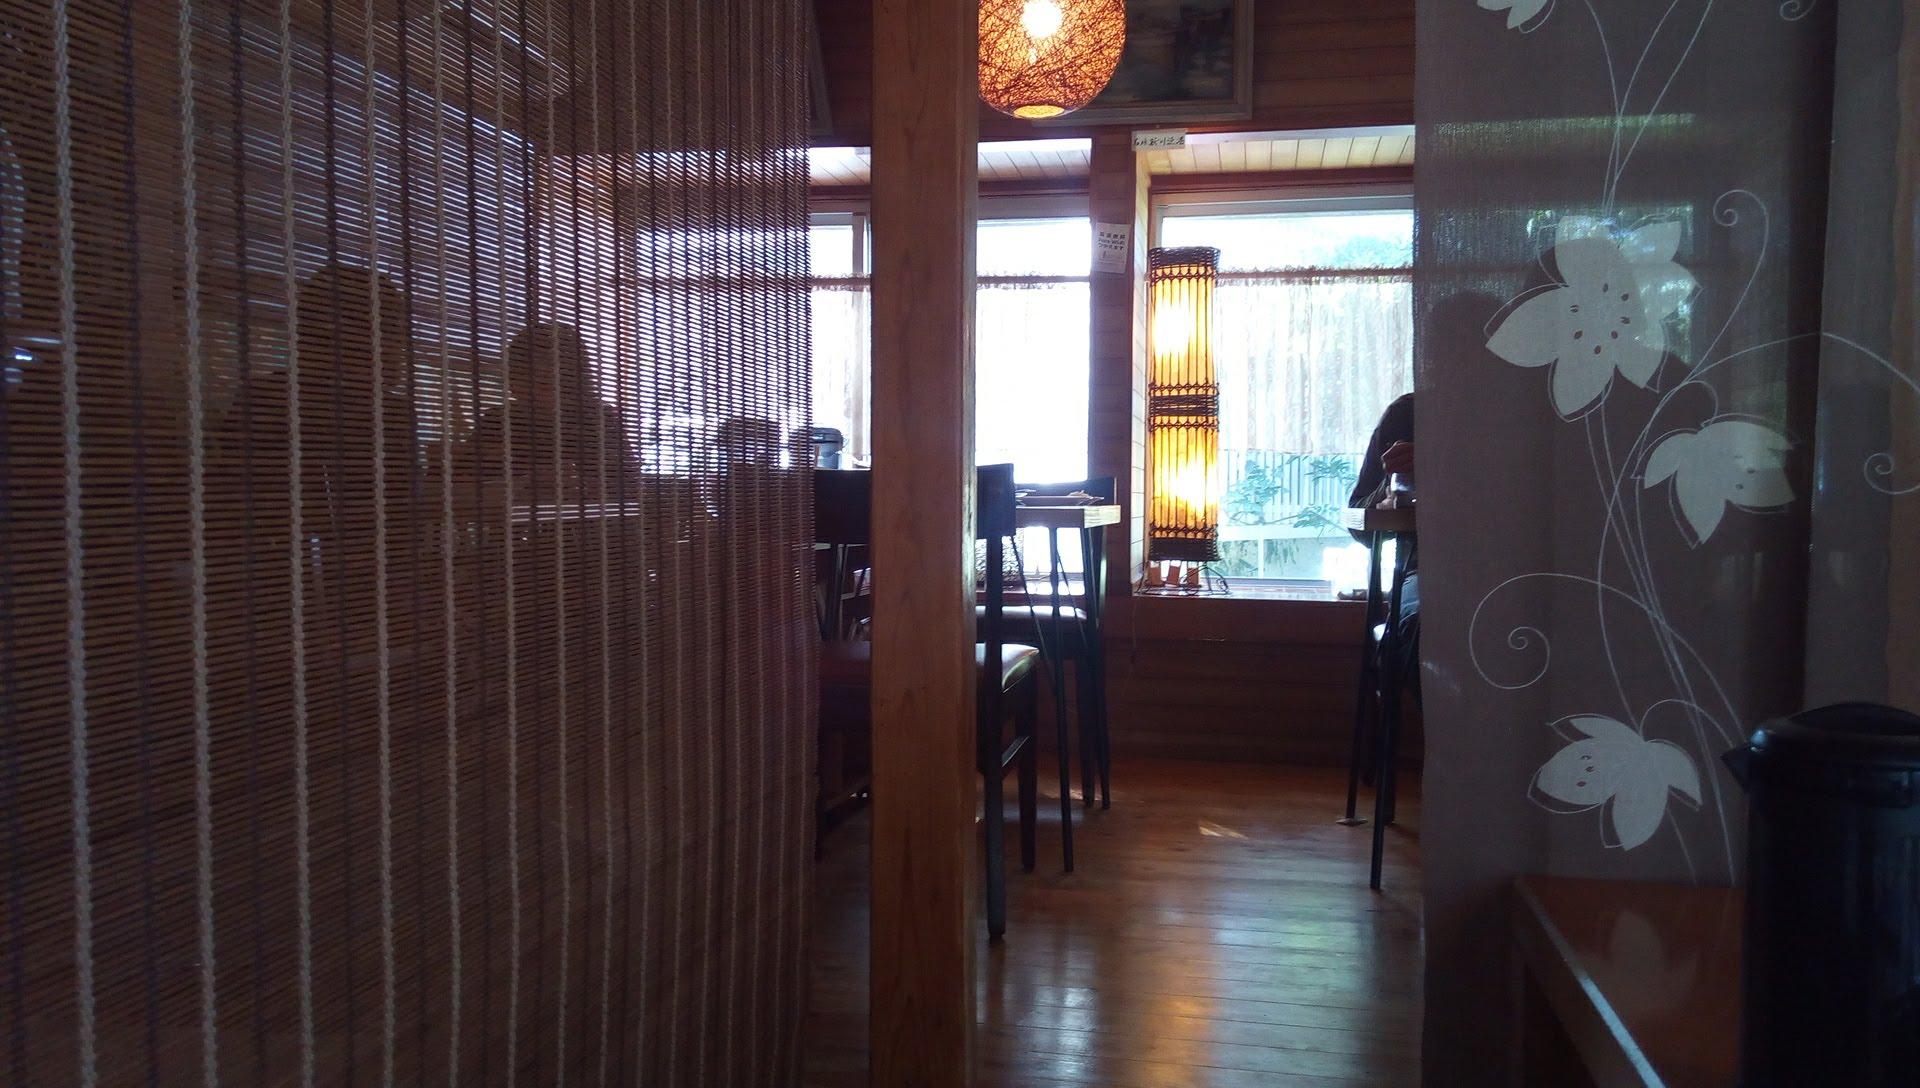 ぬーじボンボンZの店内写真 2